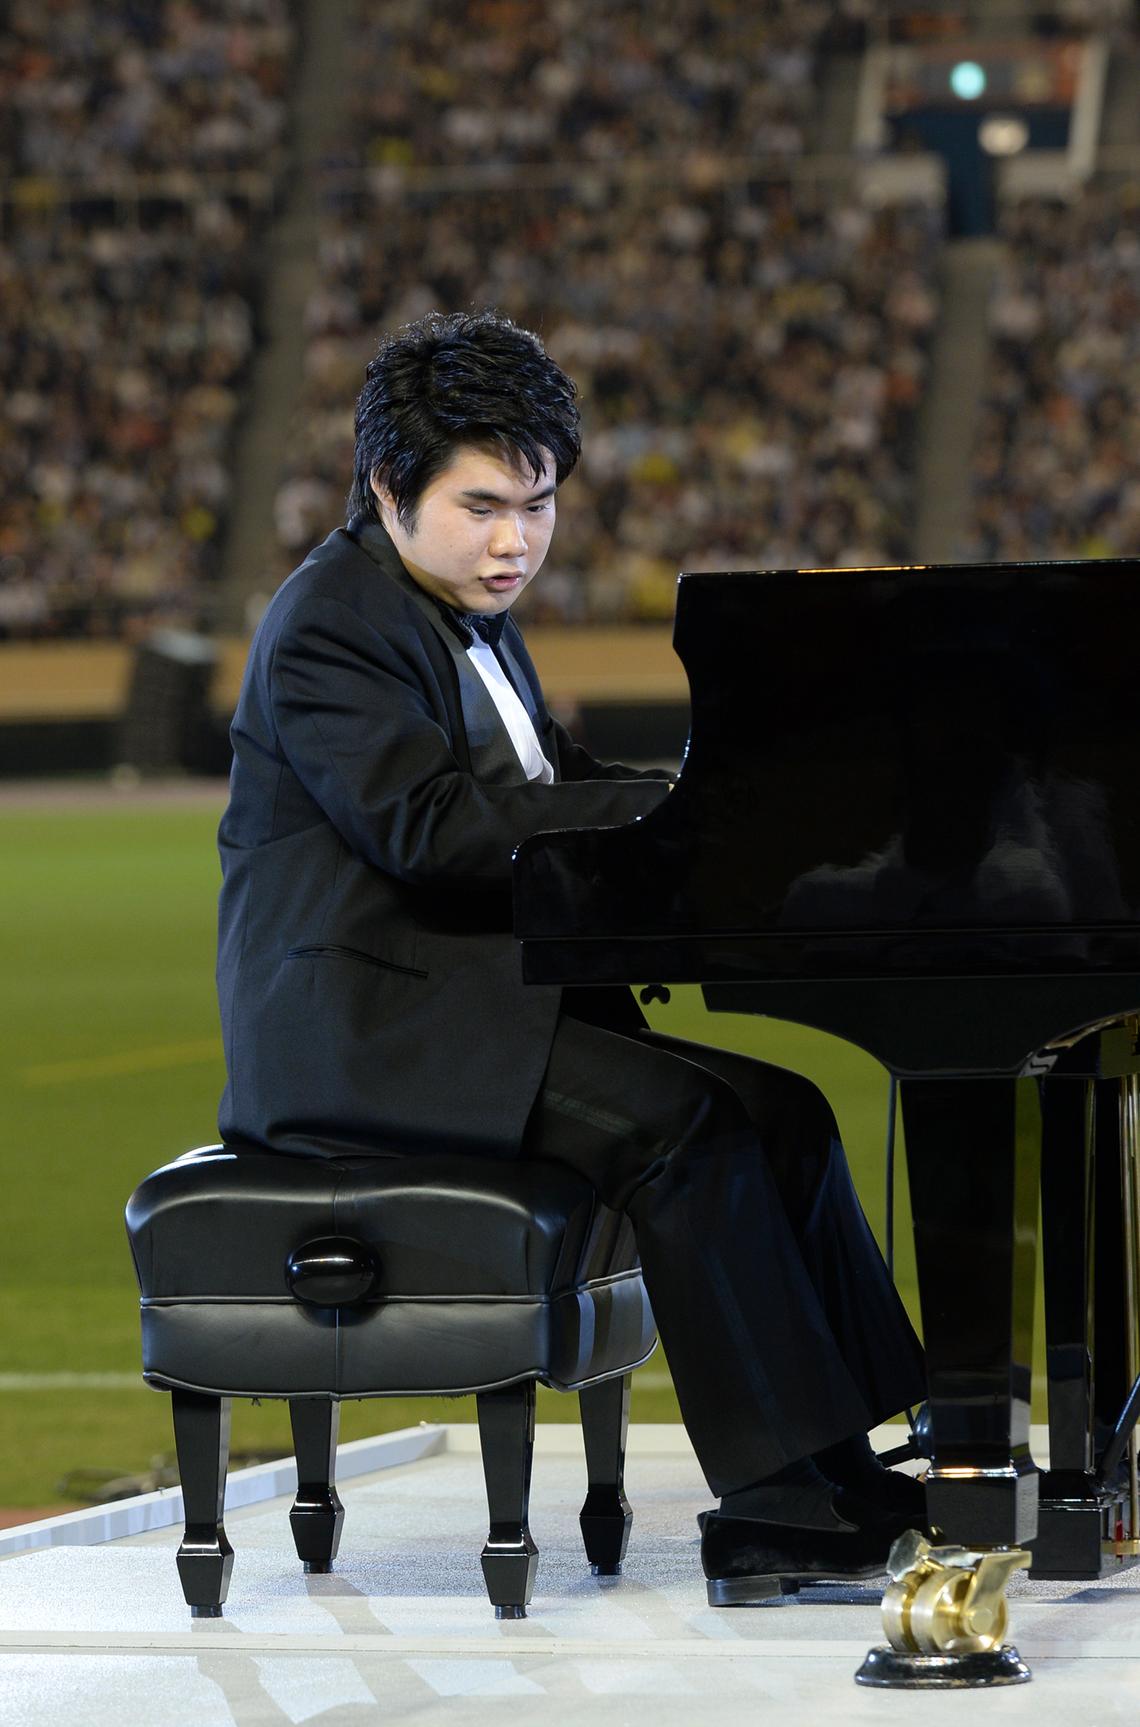 競技場にグランドピアノが運び込まれ、ピアニストの辻井伸行さんが黒いタキシード姿で登場